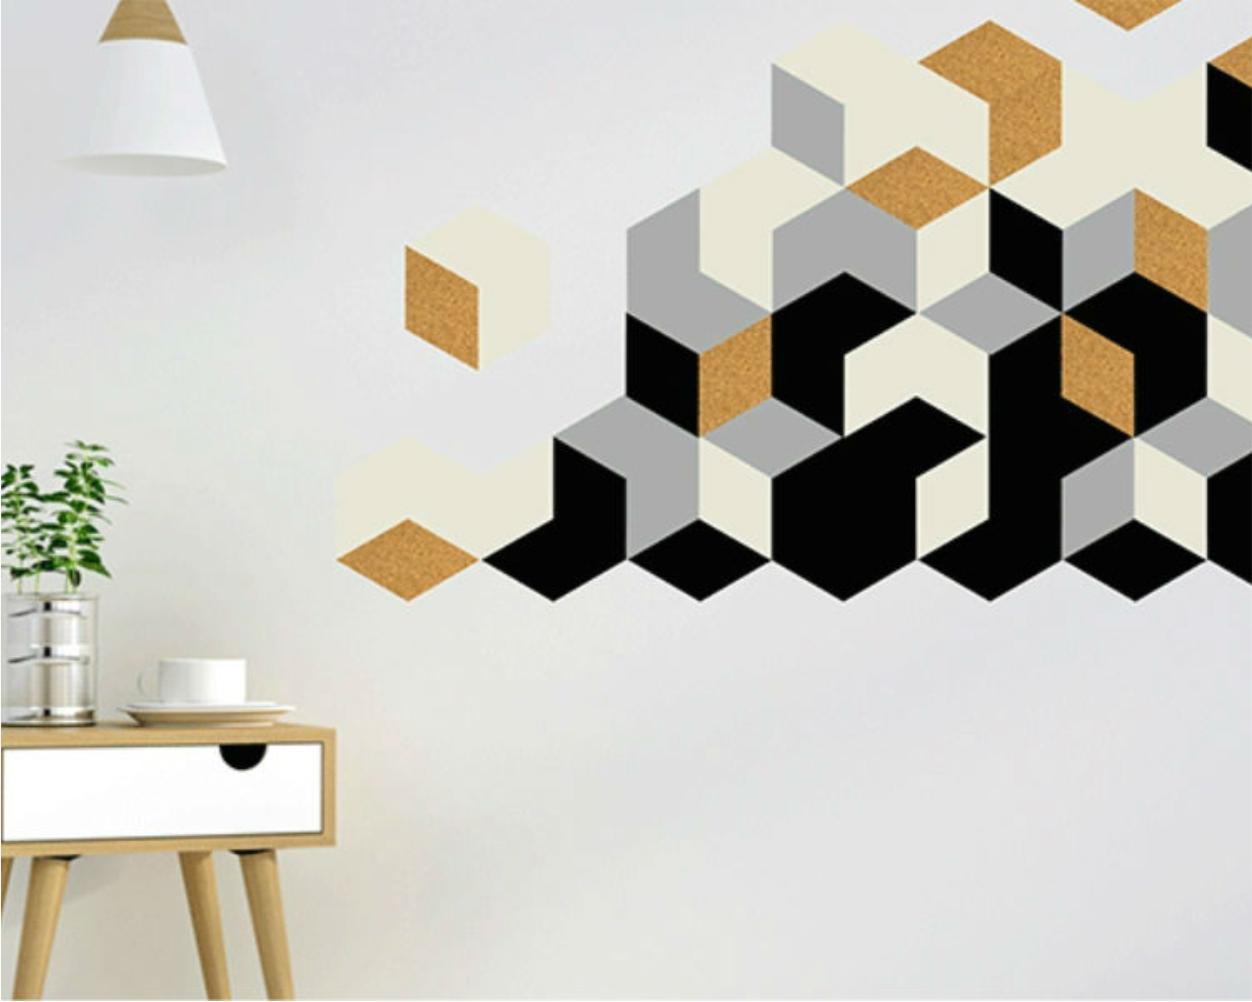 Trizzano placări natuarle pentru pereți interiori